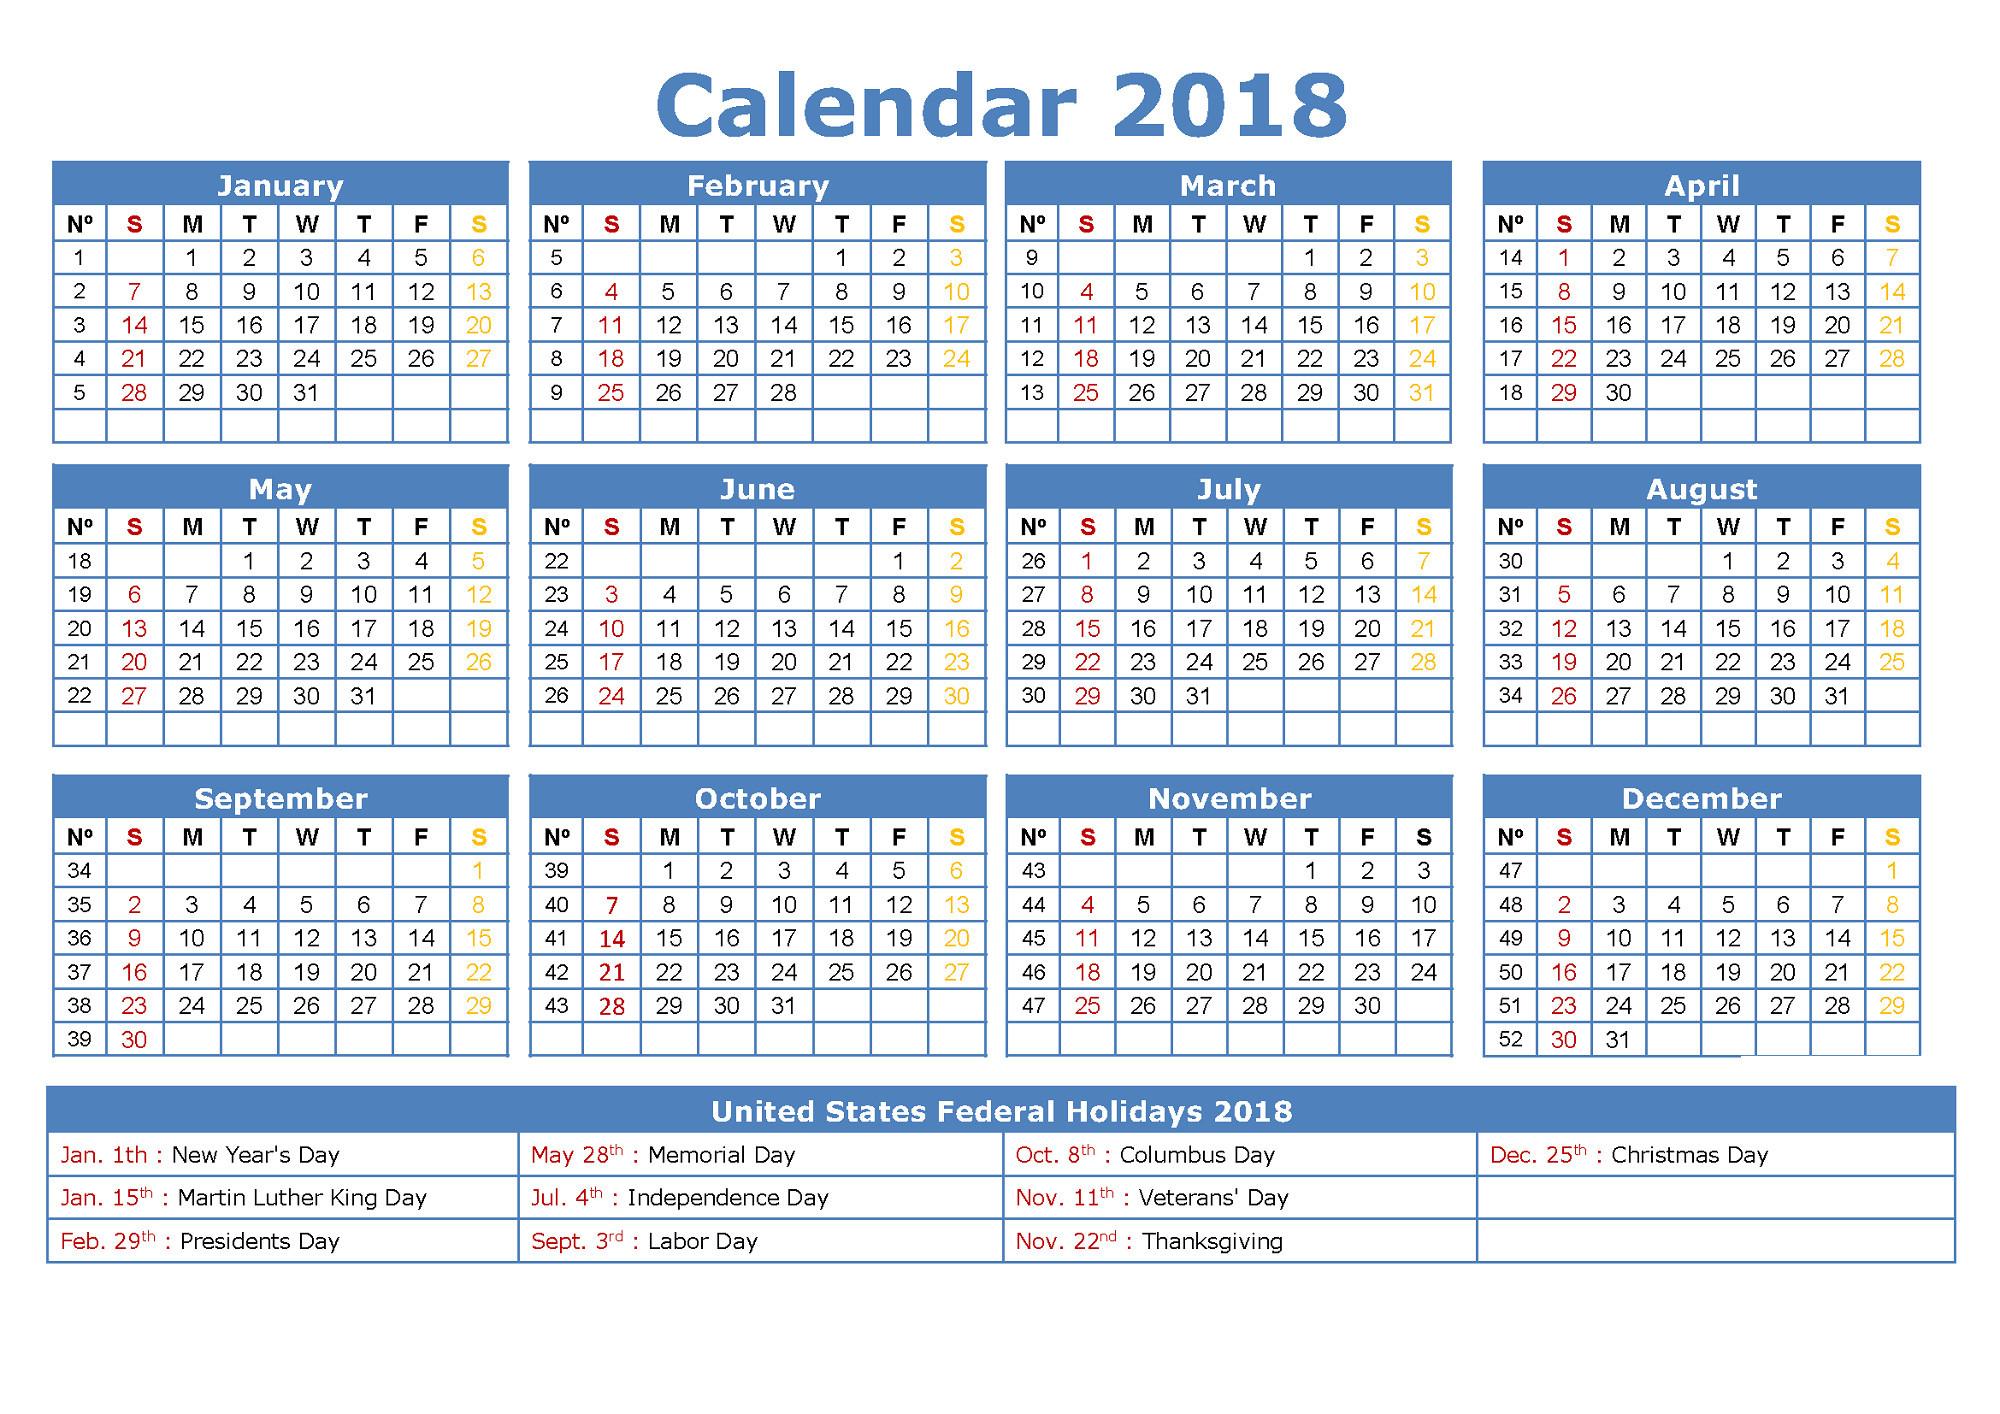 Calendar Wallpaper Software : Desktop wallpapers calendar september ·①